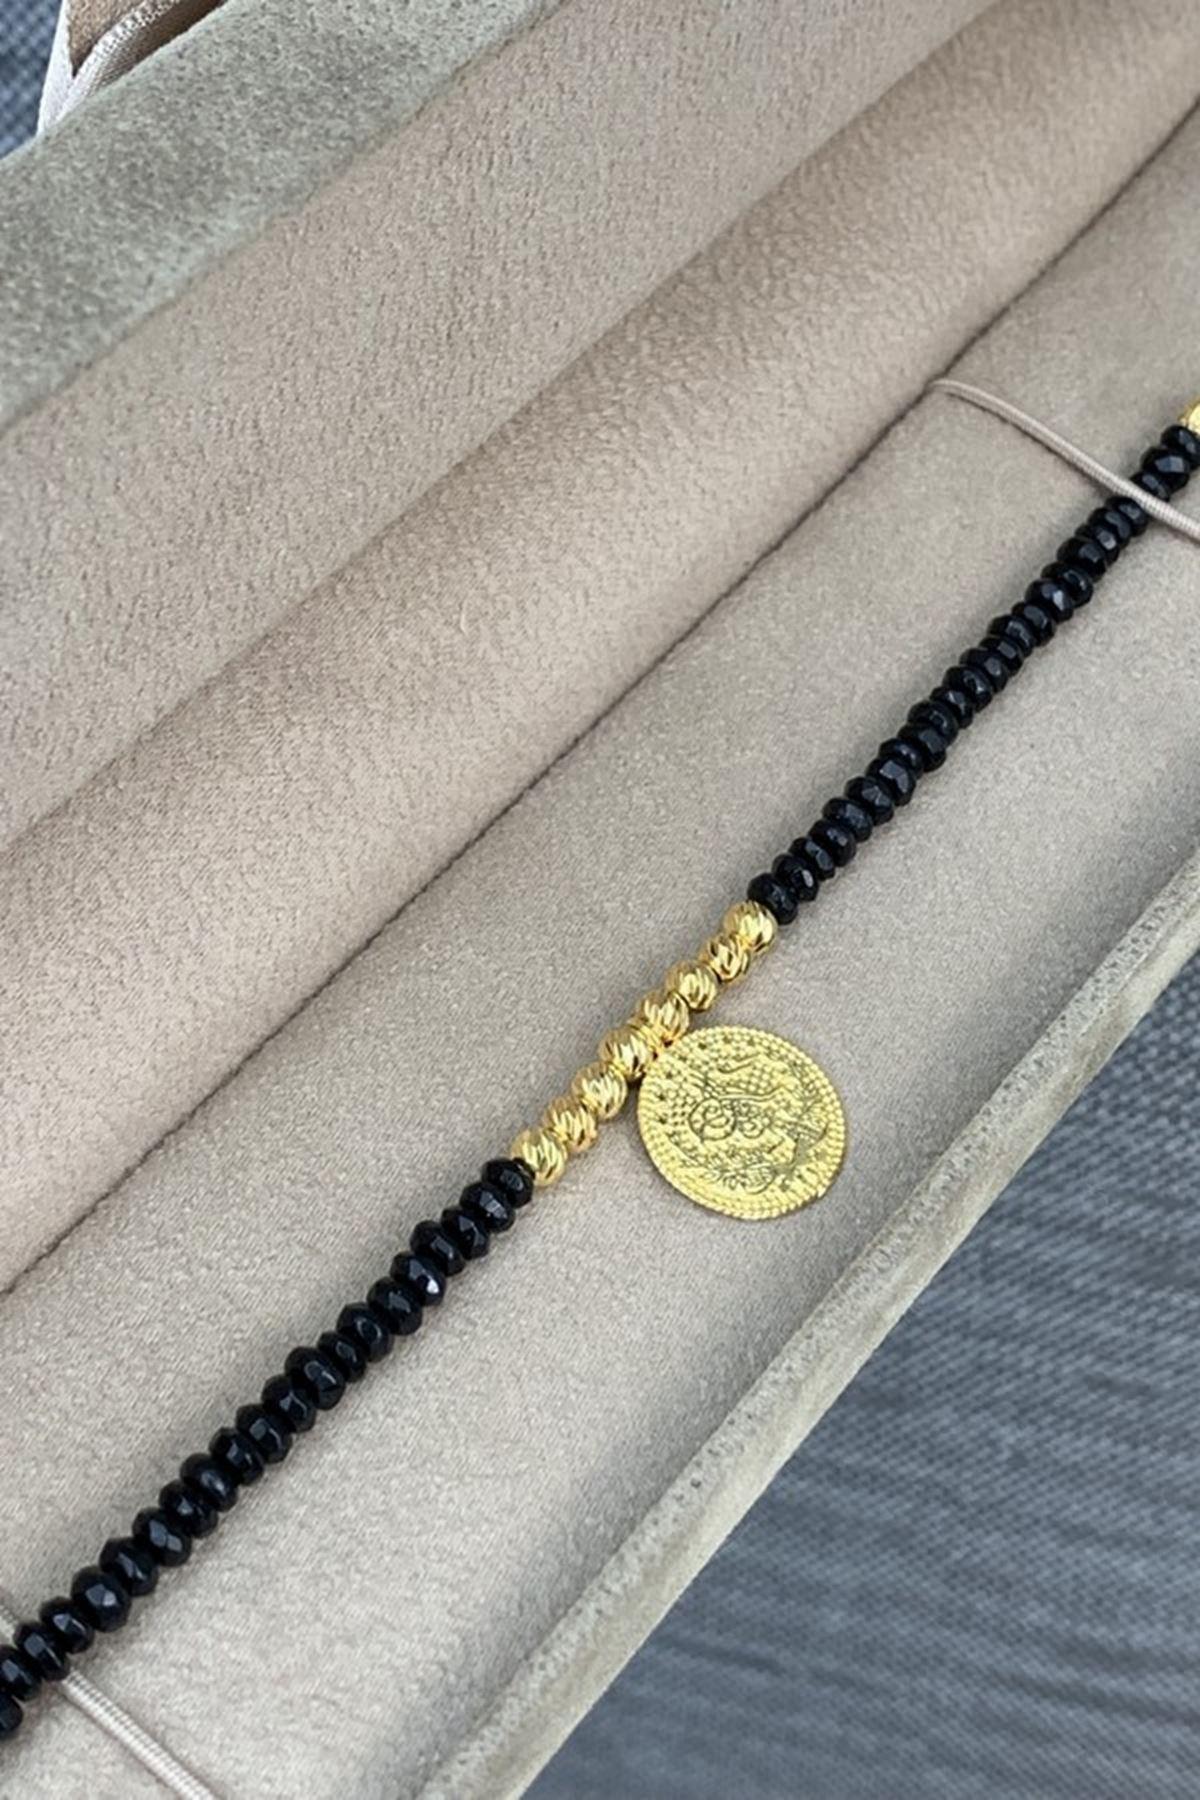 Dorika Toplu Siyah Taşlı Altın Bileklik Y00280